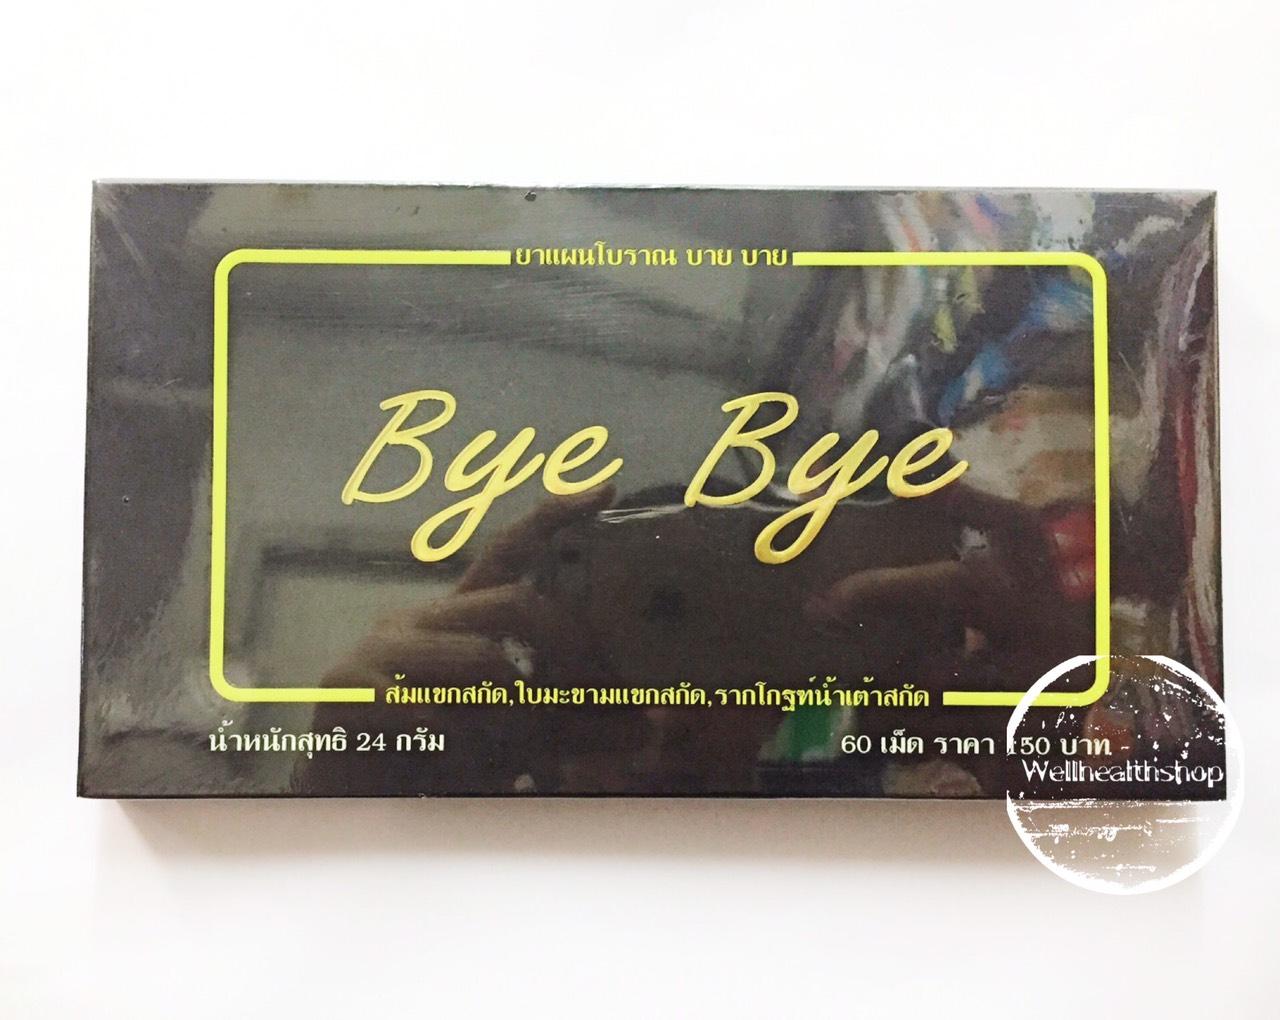 ยาระบายสมุนไพร Bye Bye บาย บาย